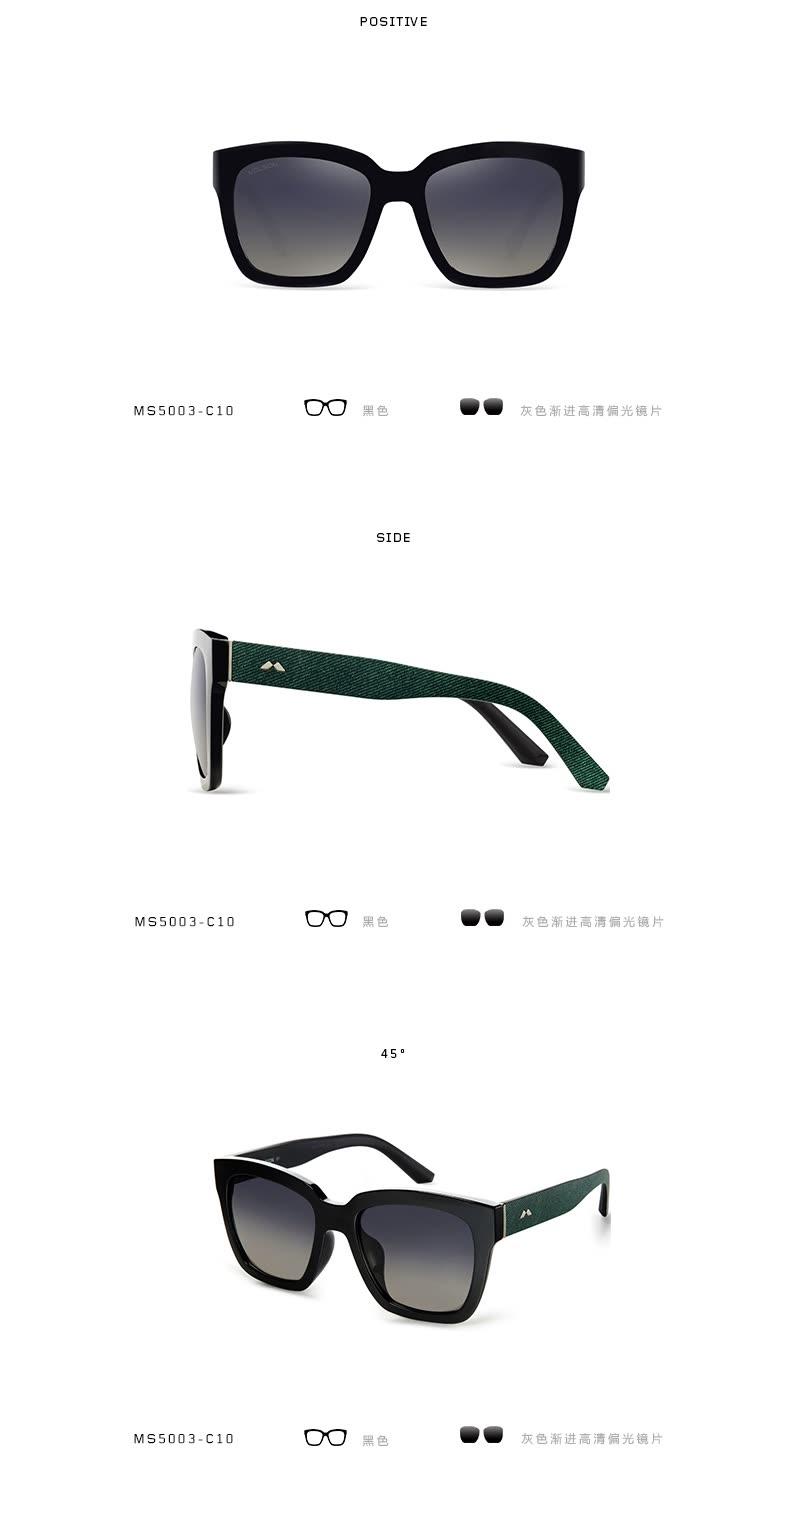 4b950366b0 Mo Sen gafas de sol de moda gafas de sol versión coreana de los ...